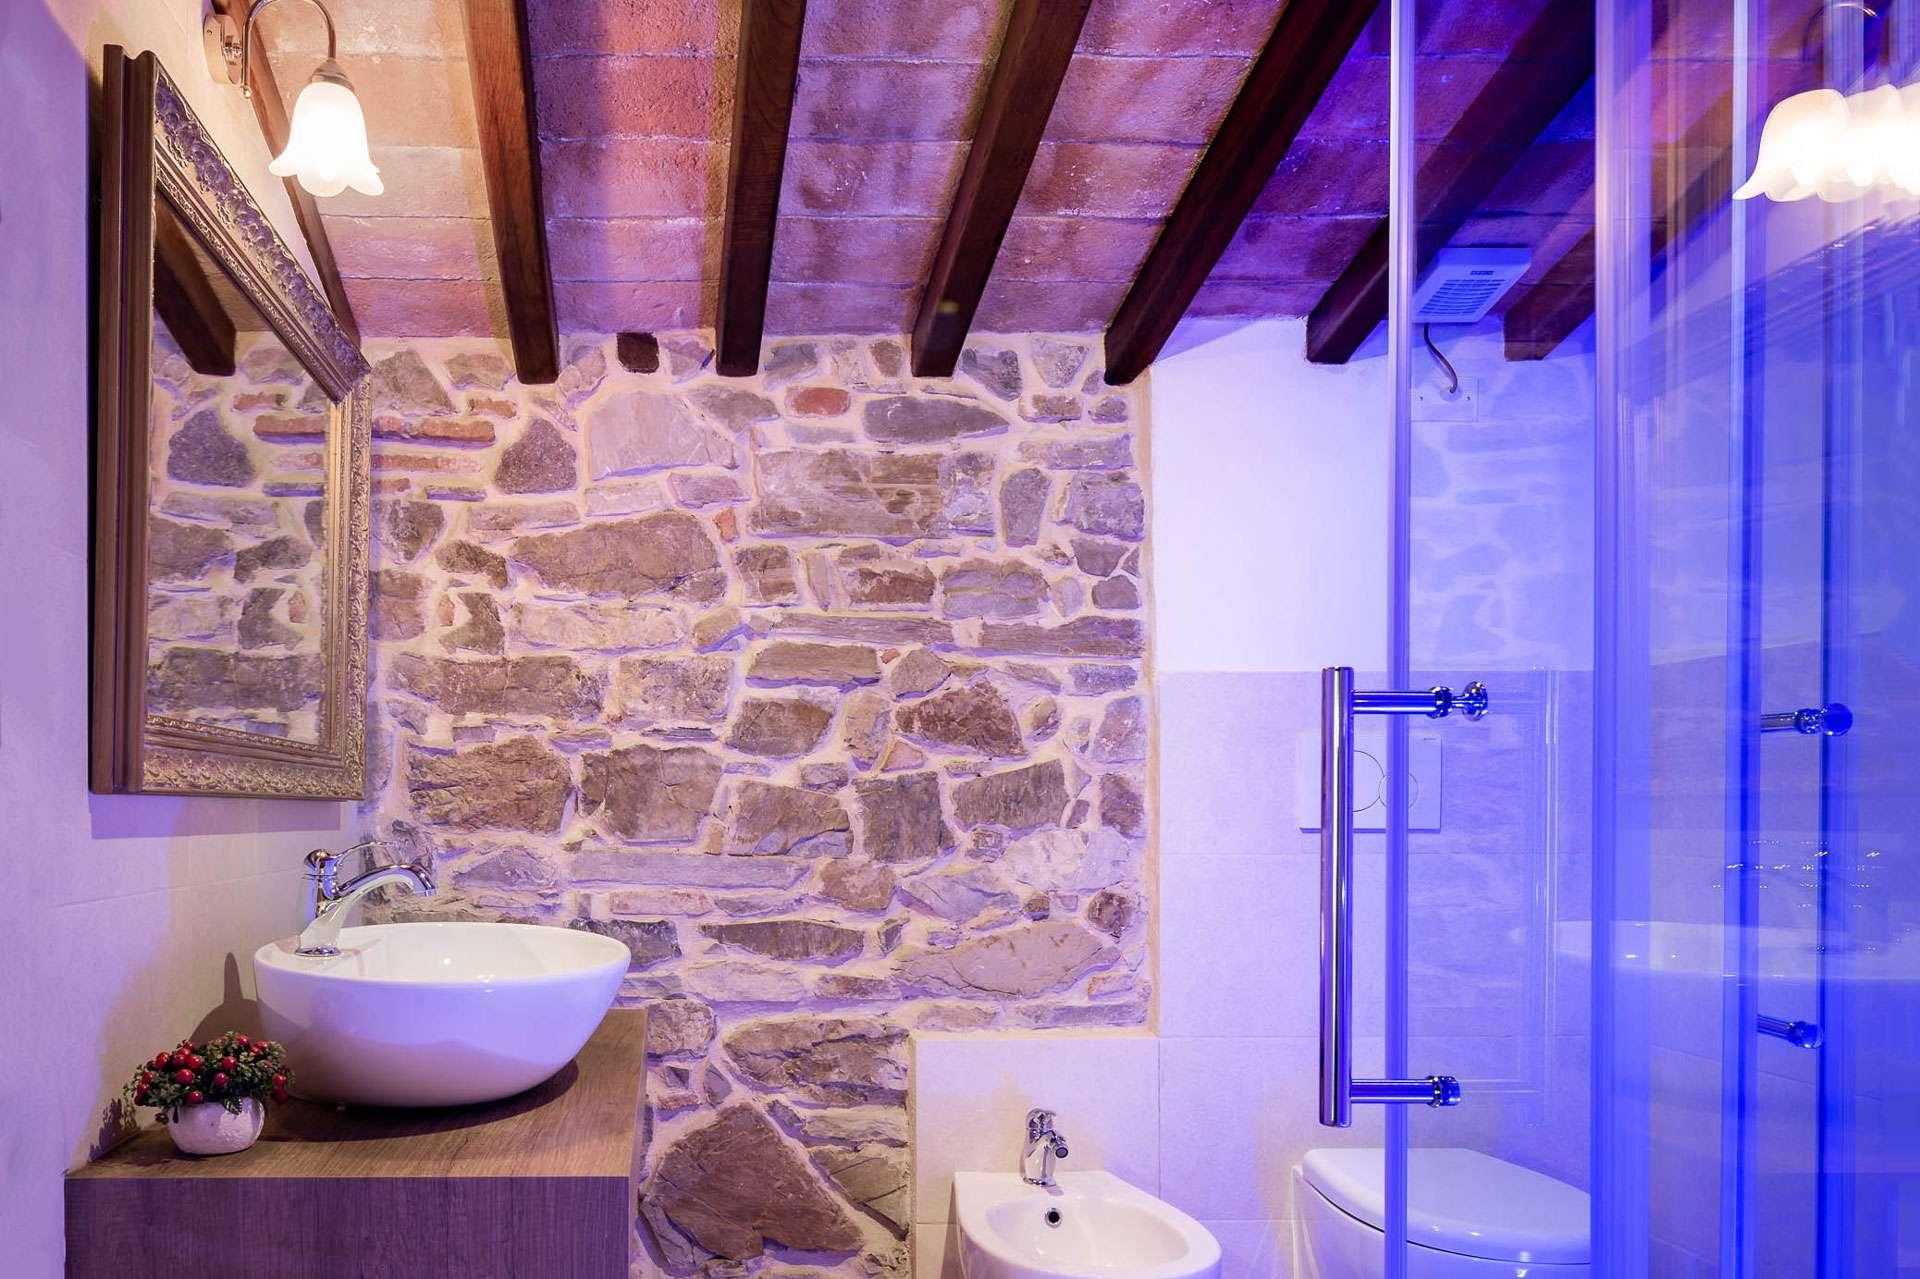 bagno della camera turchese, con muri in pietra e cromoterapia